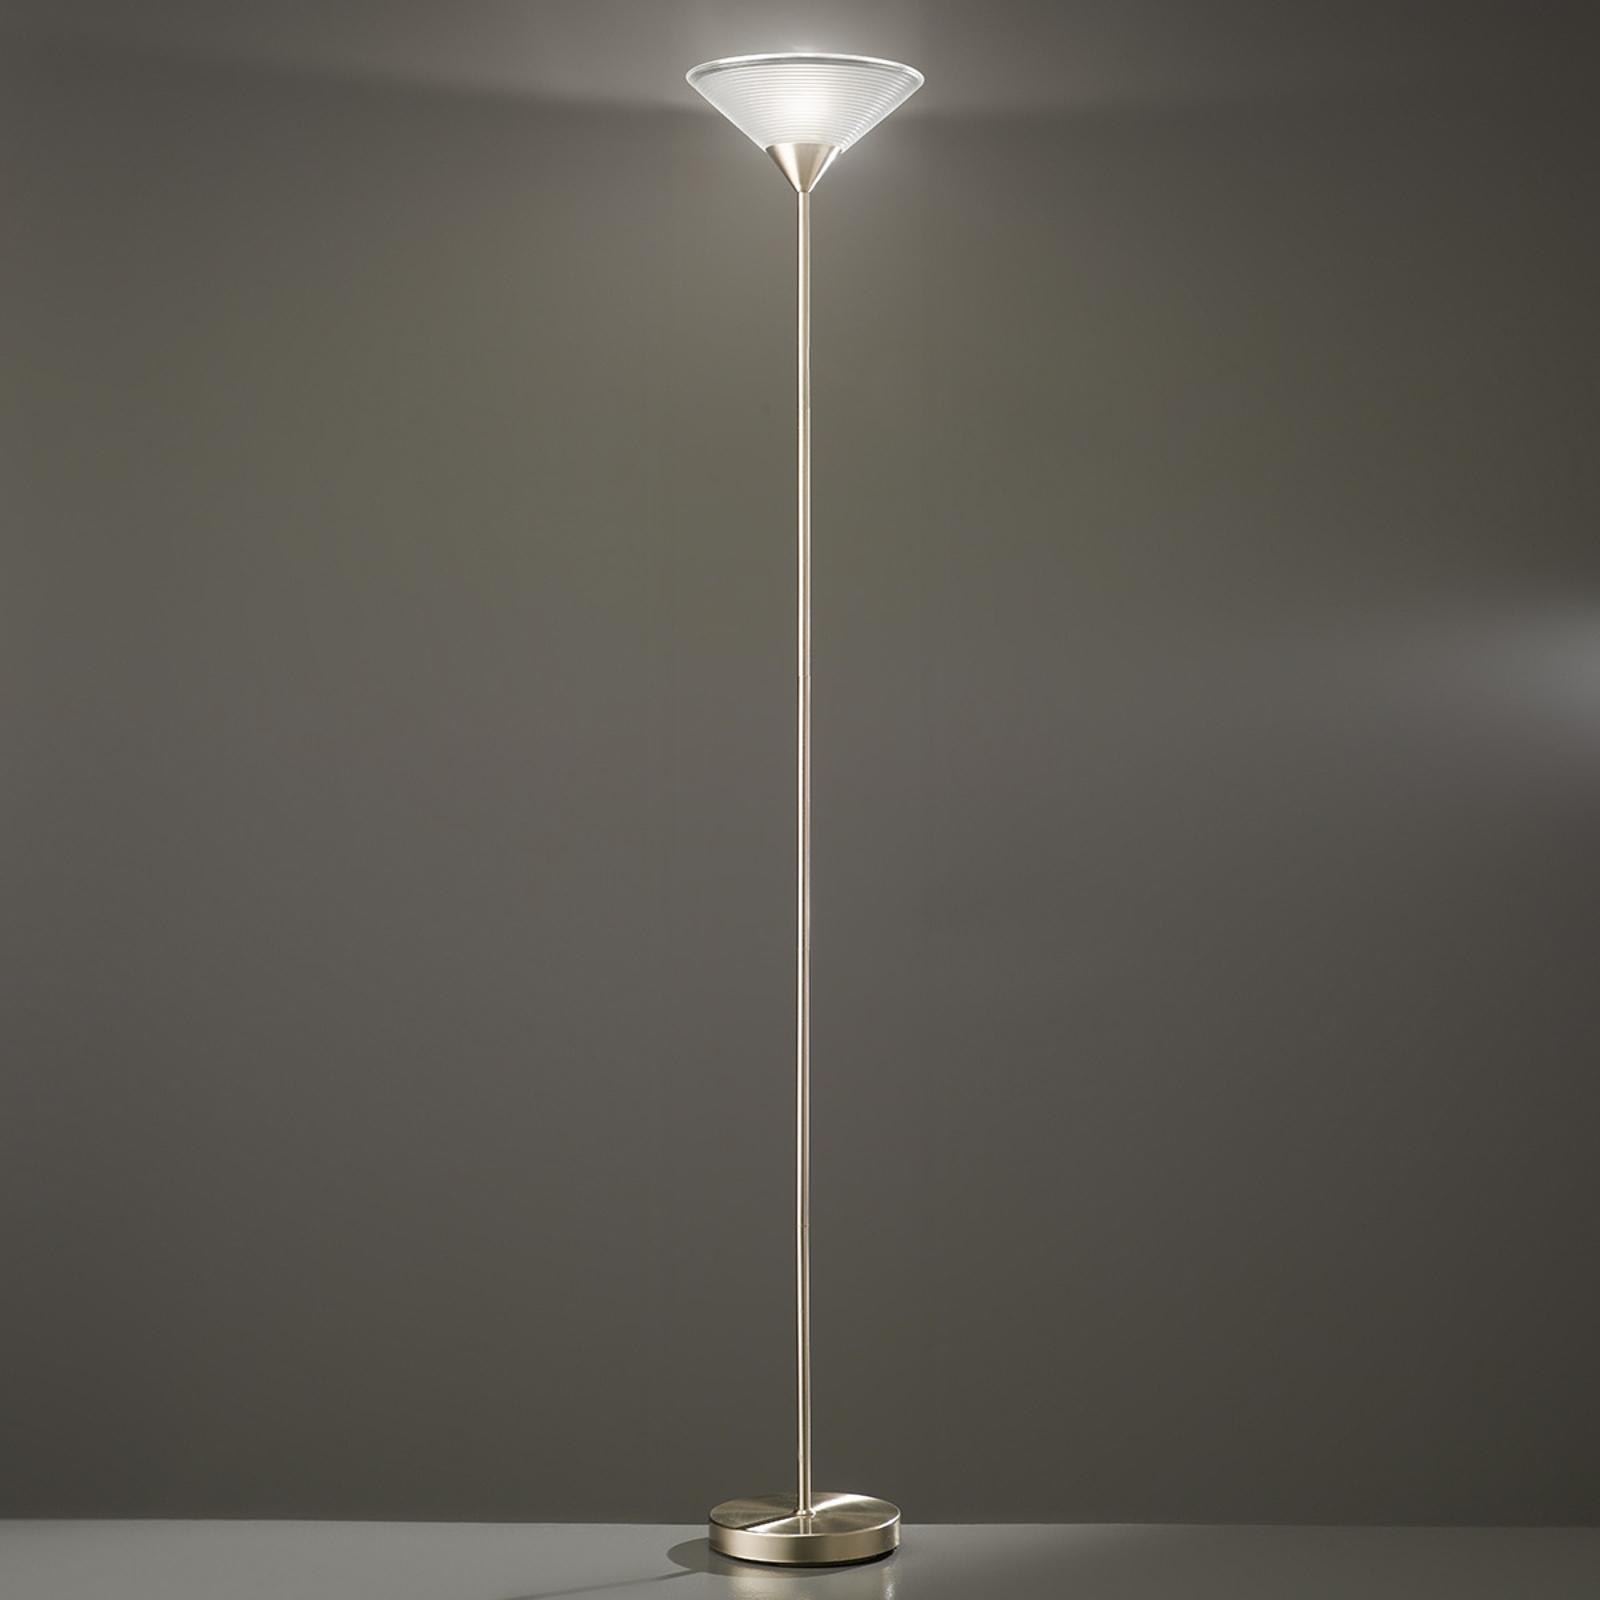 Lampa oświetlająca sufit MERTA z rowkami